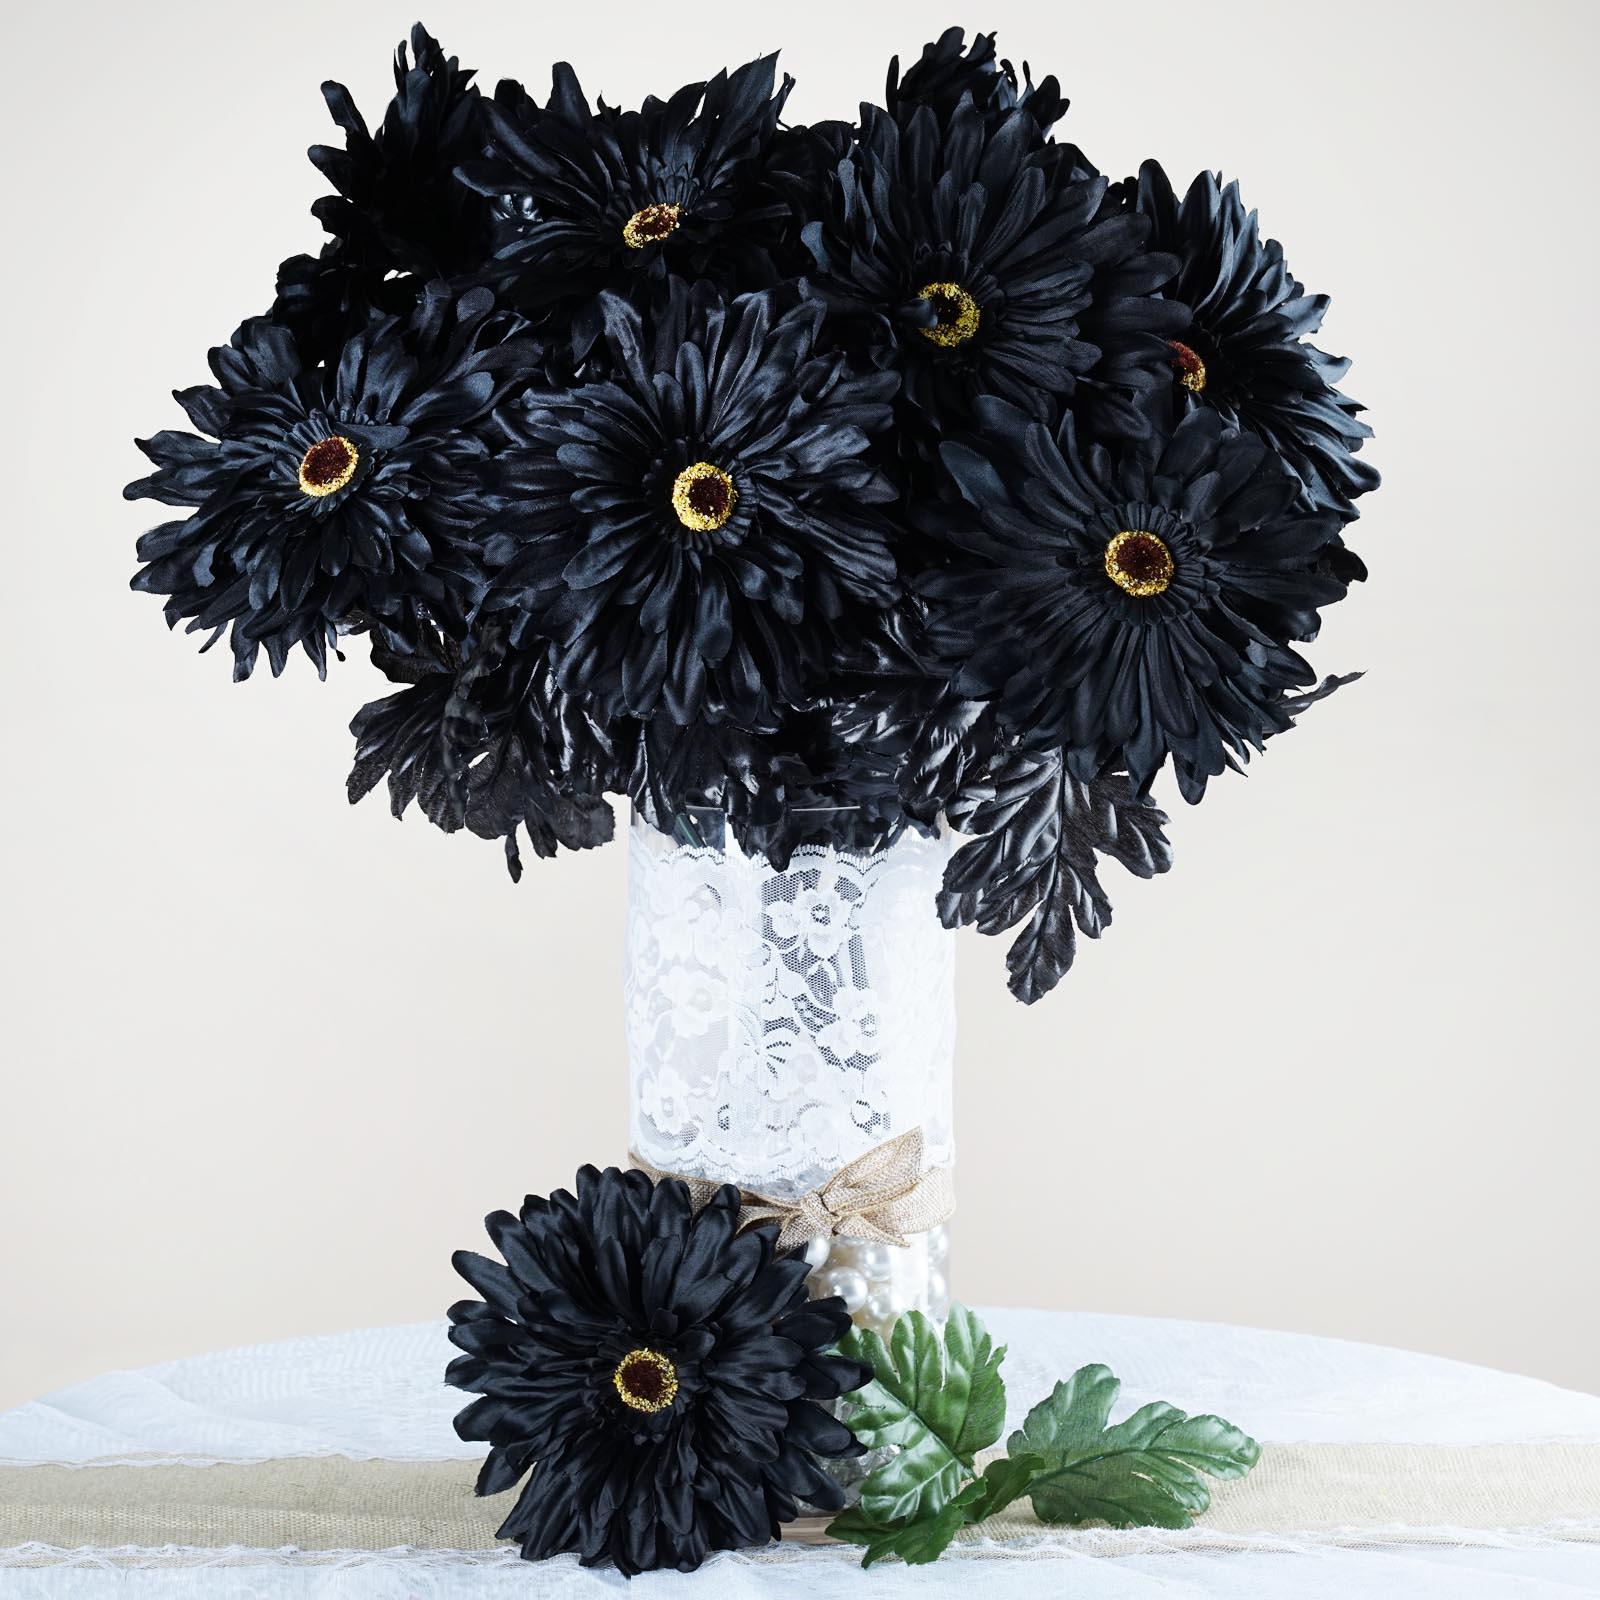 Efavormart 28 Artificial GERBERA Daisy Bushes for DIY Wedding Bouquets Centerpieces Arrangements Party Home Decorations - 10 Colors